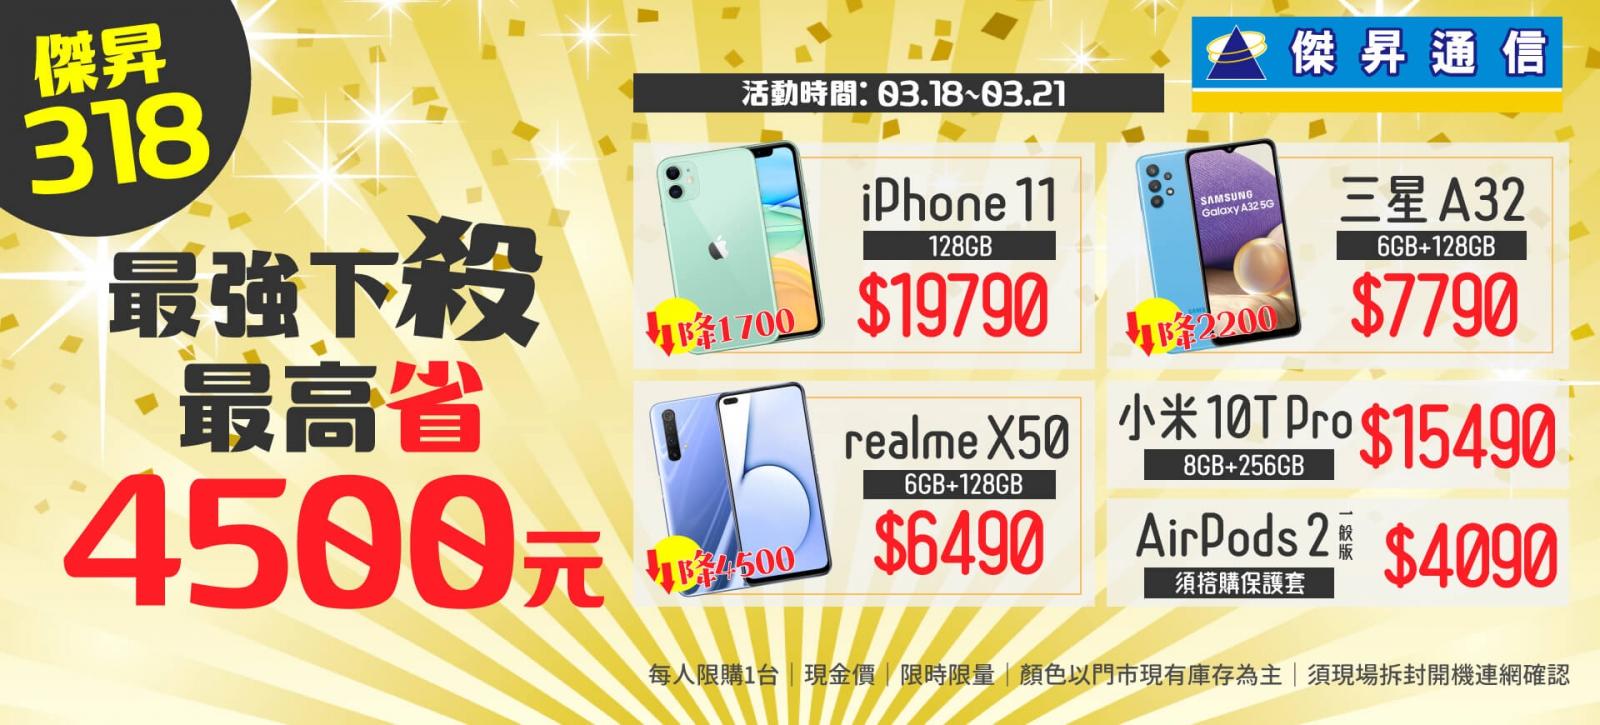 傑昇通信快閃回饋 realme X50限時下殺4千5